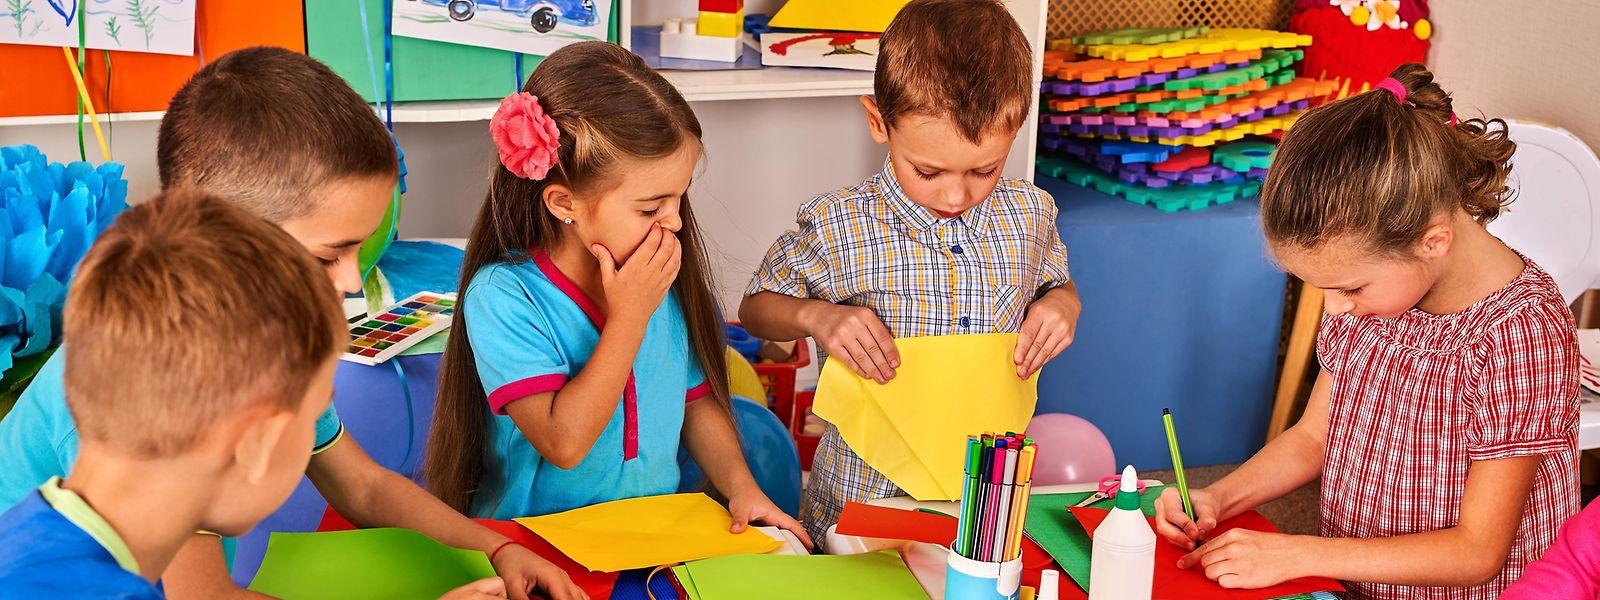 Besonders beim Basteln sind Kinder in Kontakt mit Materialien wie Klebern, Filzstiften oder Papieren, die giftige Chemikalien enthalten können.